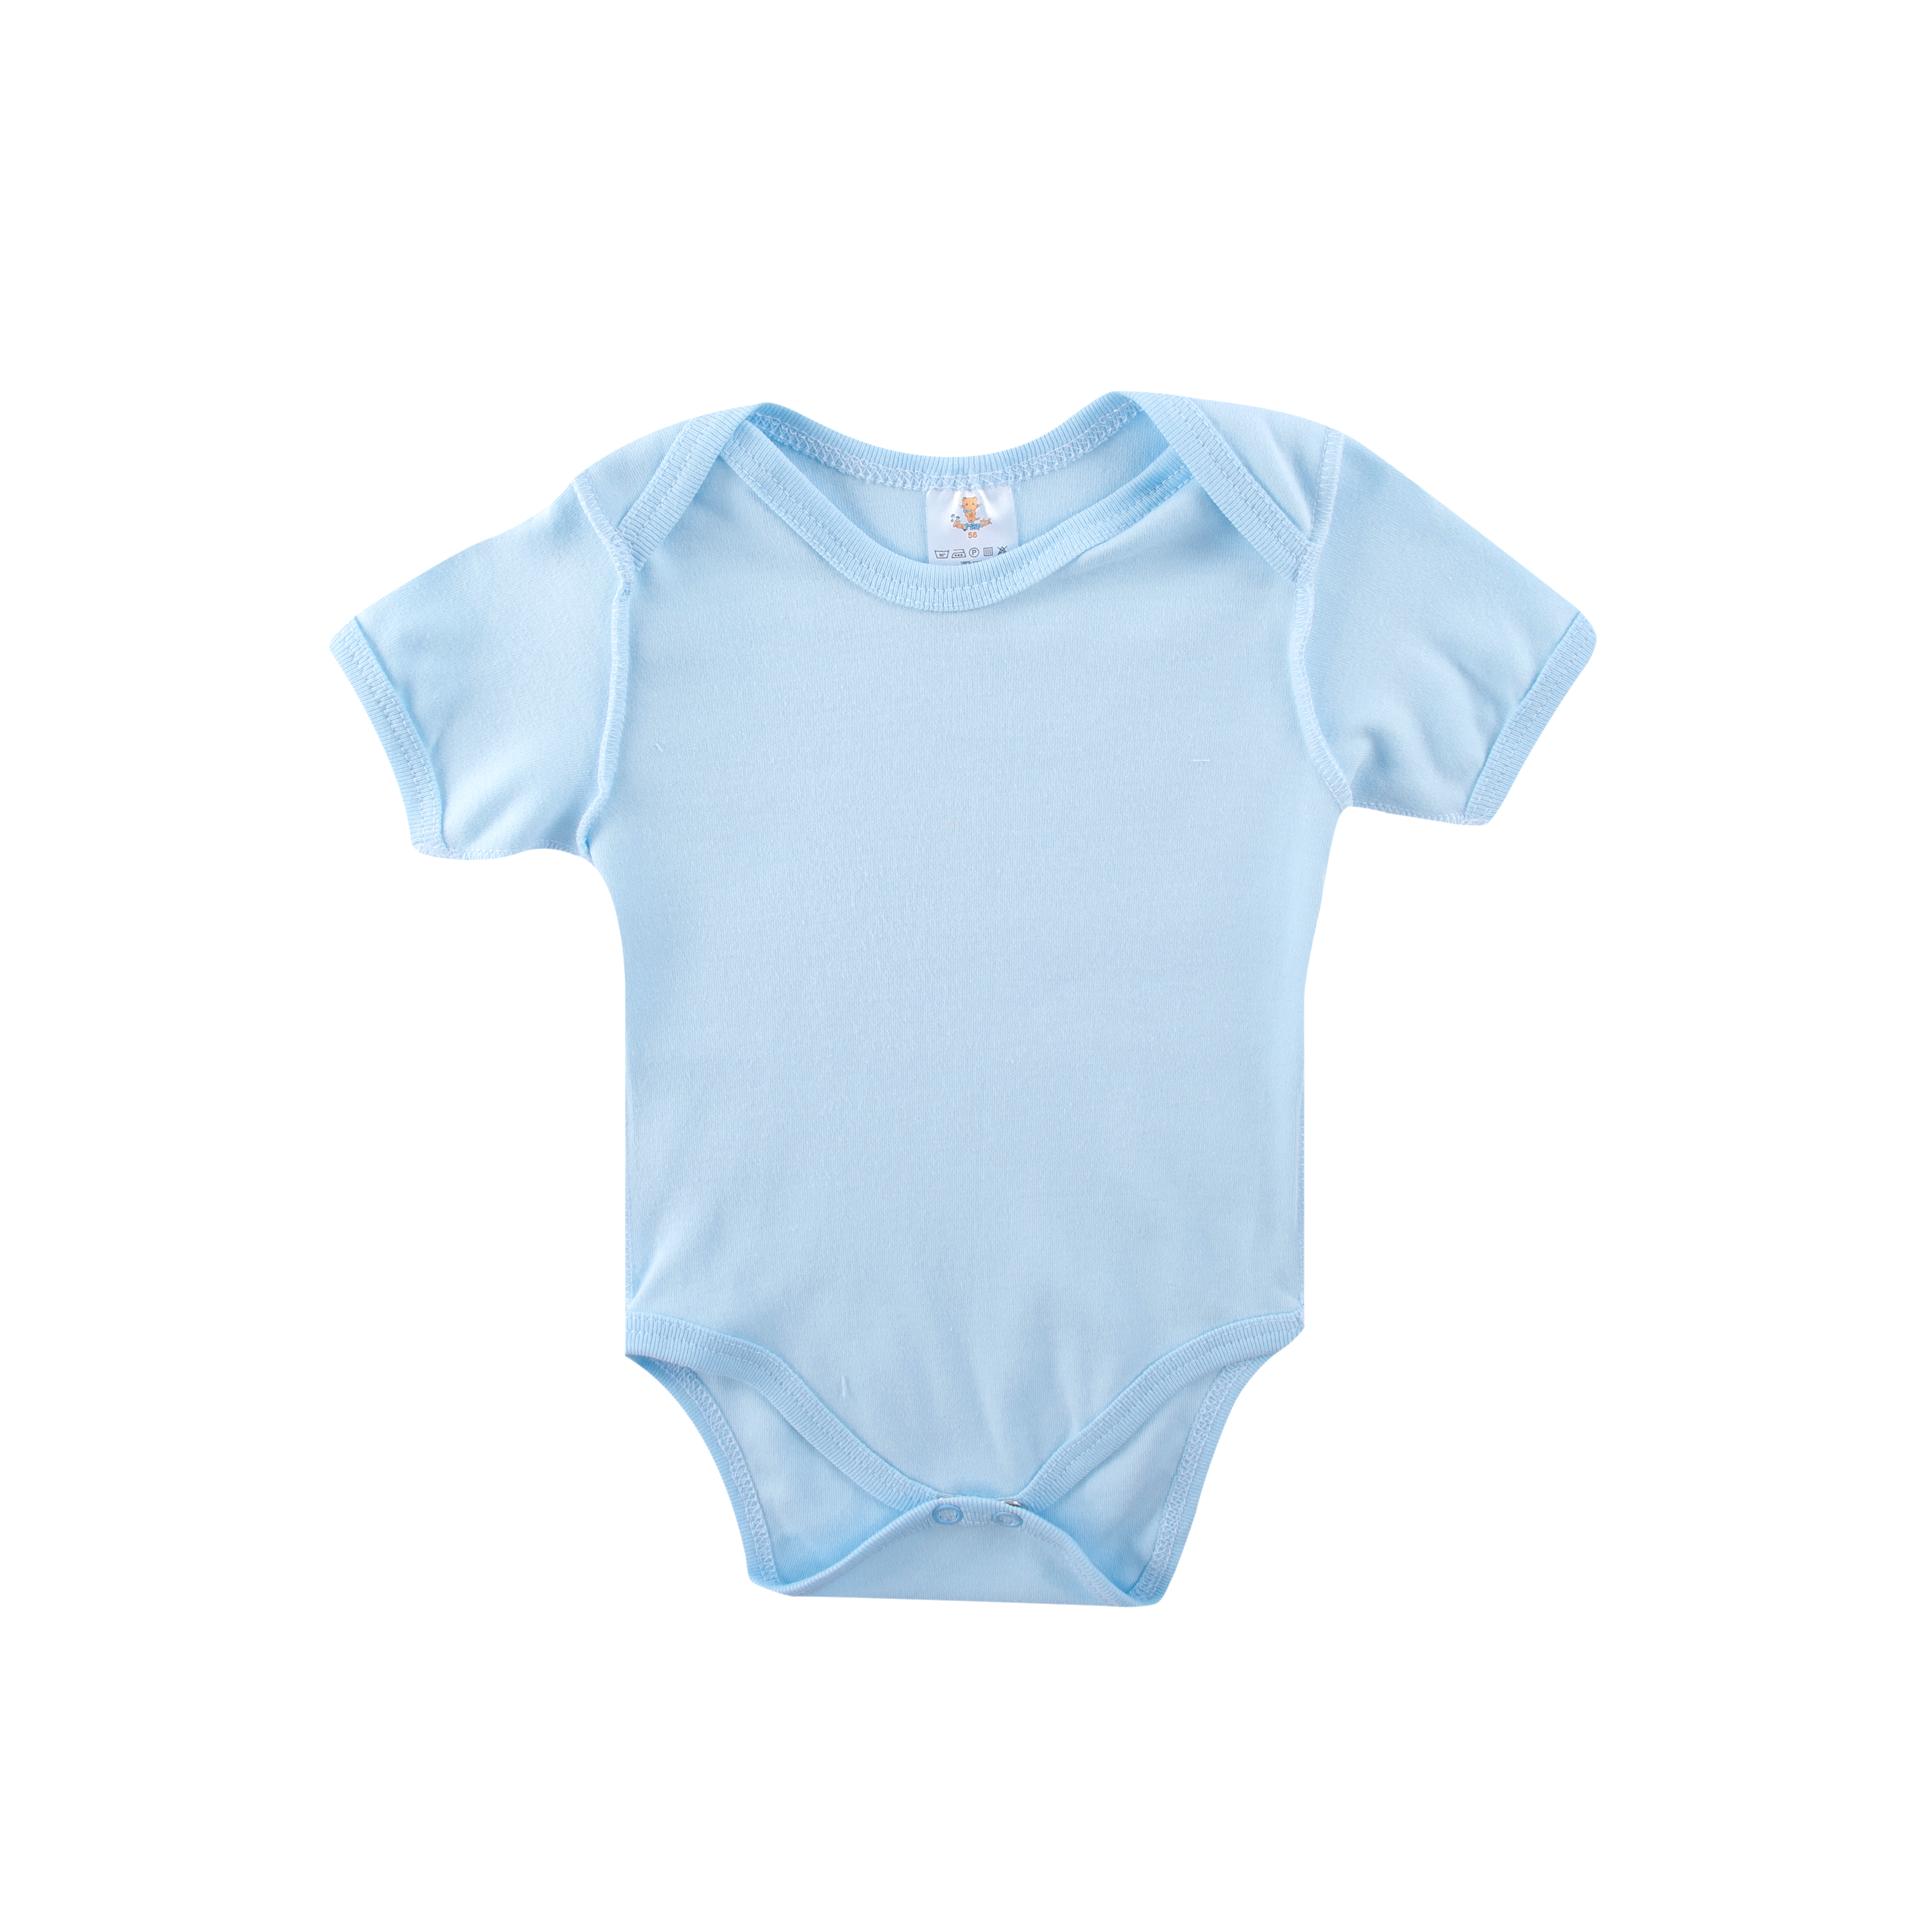 Боди без рукава КОТМАРКОТ для мальчика, цвет голубой 0-1 мес (размер 56 см)<br>